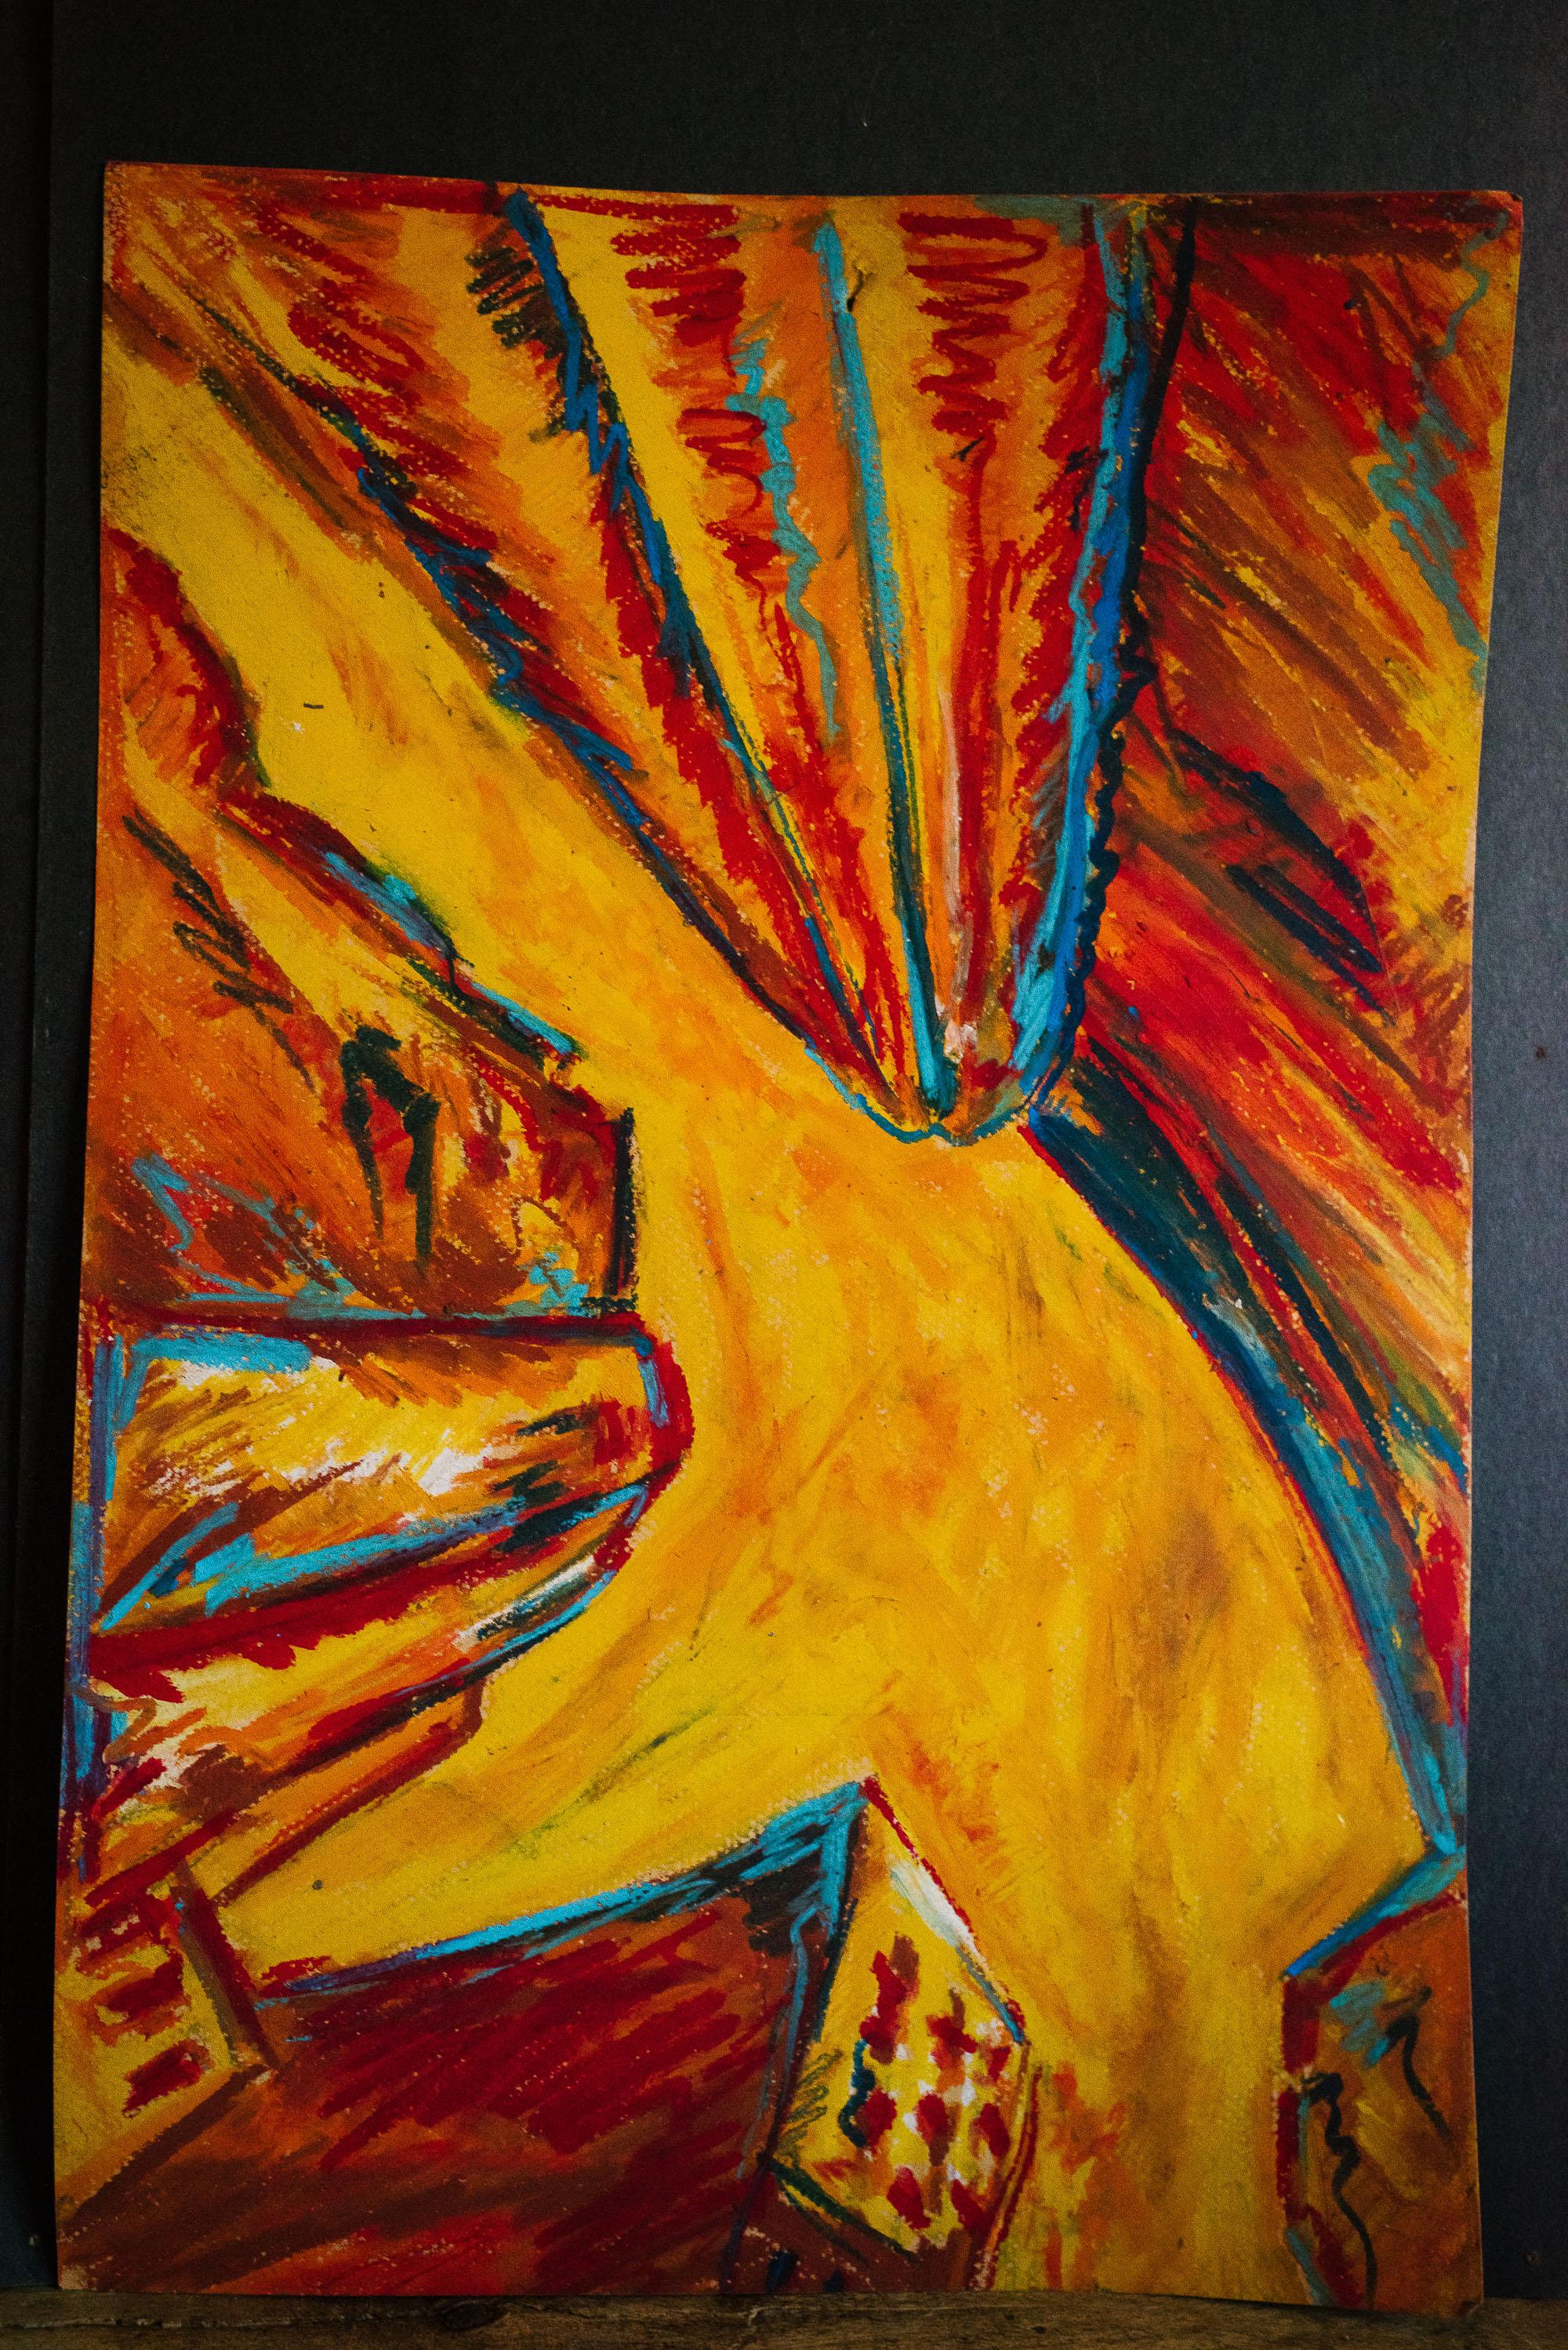 orange red buildings and yellow sky ap art viara mileva